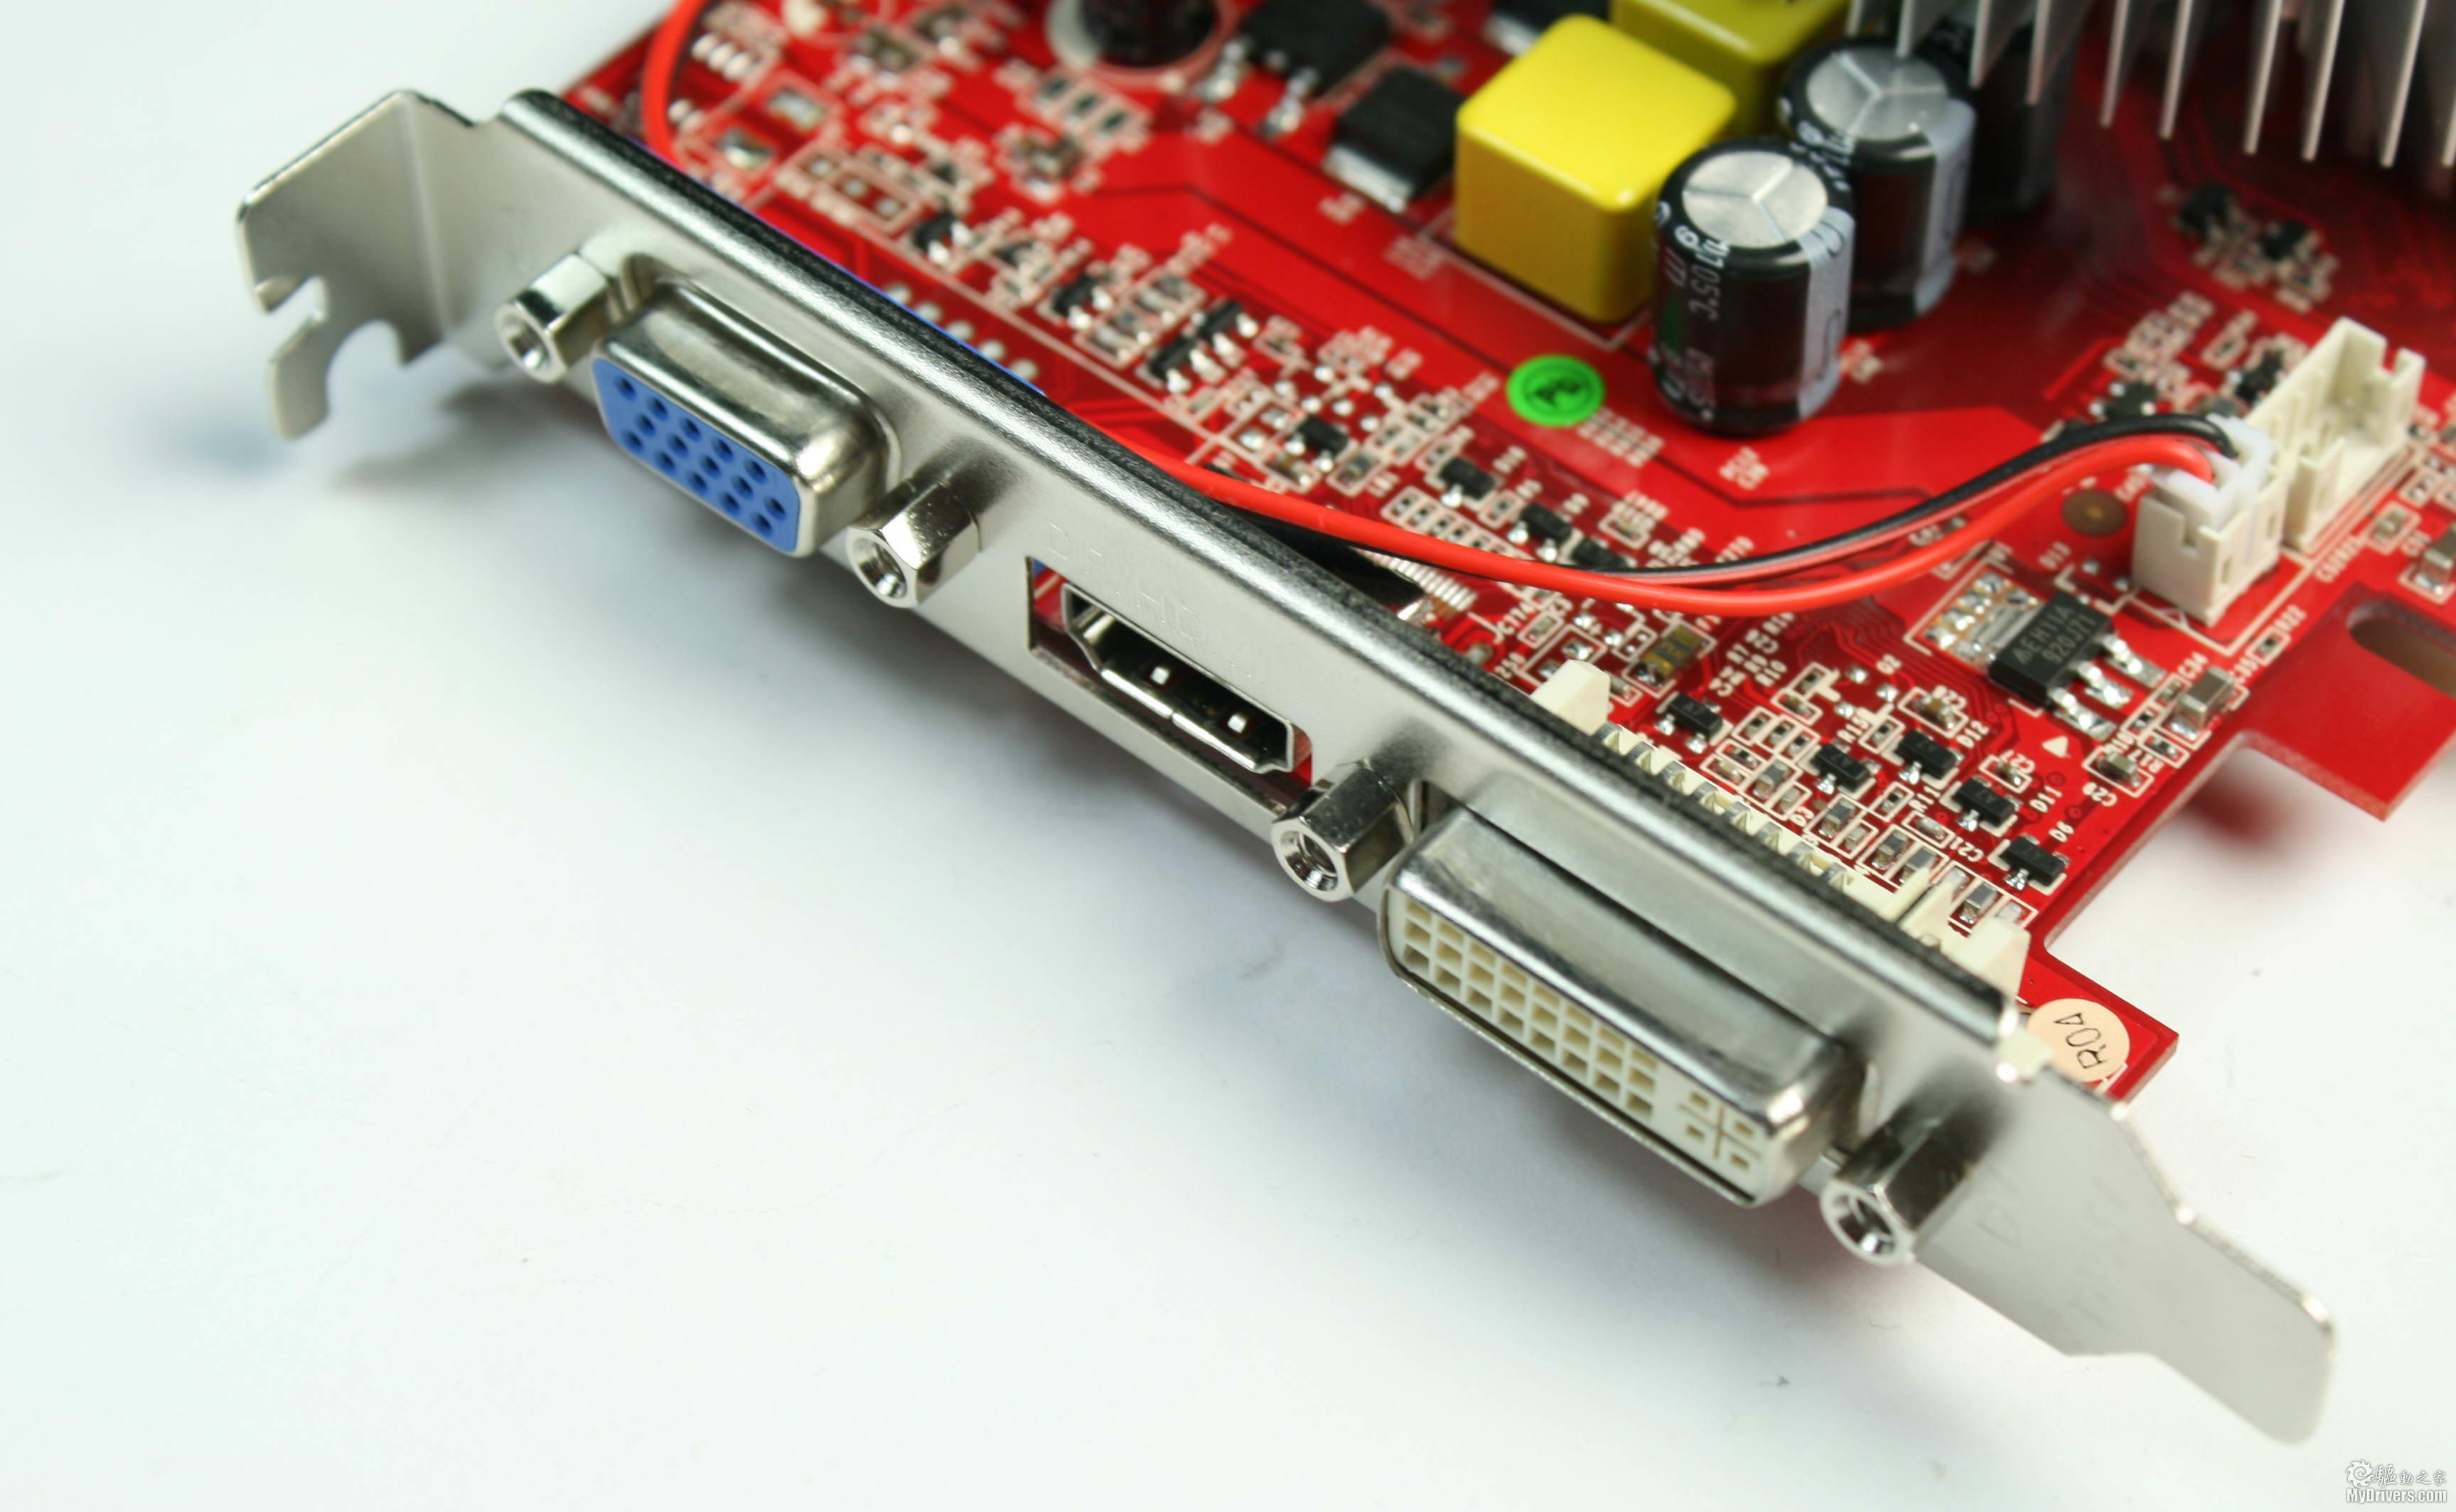 [2.七彩虹GT 220黄金版512M赏析]  七彩虹GT 220黄金版显卡 七彩虹GT 220黄金版显卡的布局相当紧凑,占用空间很小,由于自身定位于HTPC领域,这样小巧的身材可以轻松置于小型HTPC机箱中。  显卡散热器 得益于先进的40nm工艺,GT 220显卡的发热有了大幅降低,对散热系统的要求不甚强烈。七彩虹依然为这款显卡配置了铝质散热器,密集的鳍片有助于快速散热,结合告诉开放式设计的滚珠风扇可以带来优异的散热效果。  GT216核心 这款显卡的核心代号为GT216-300-A2,GT216虽然